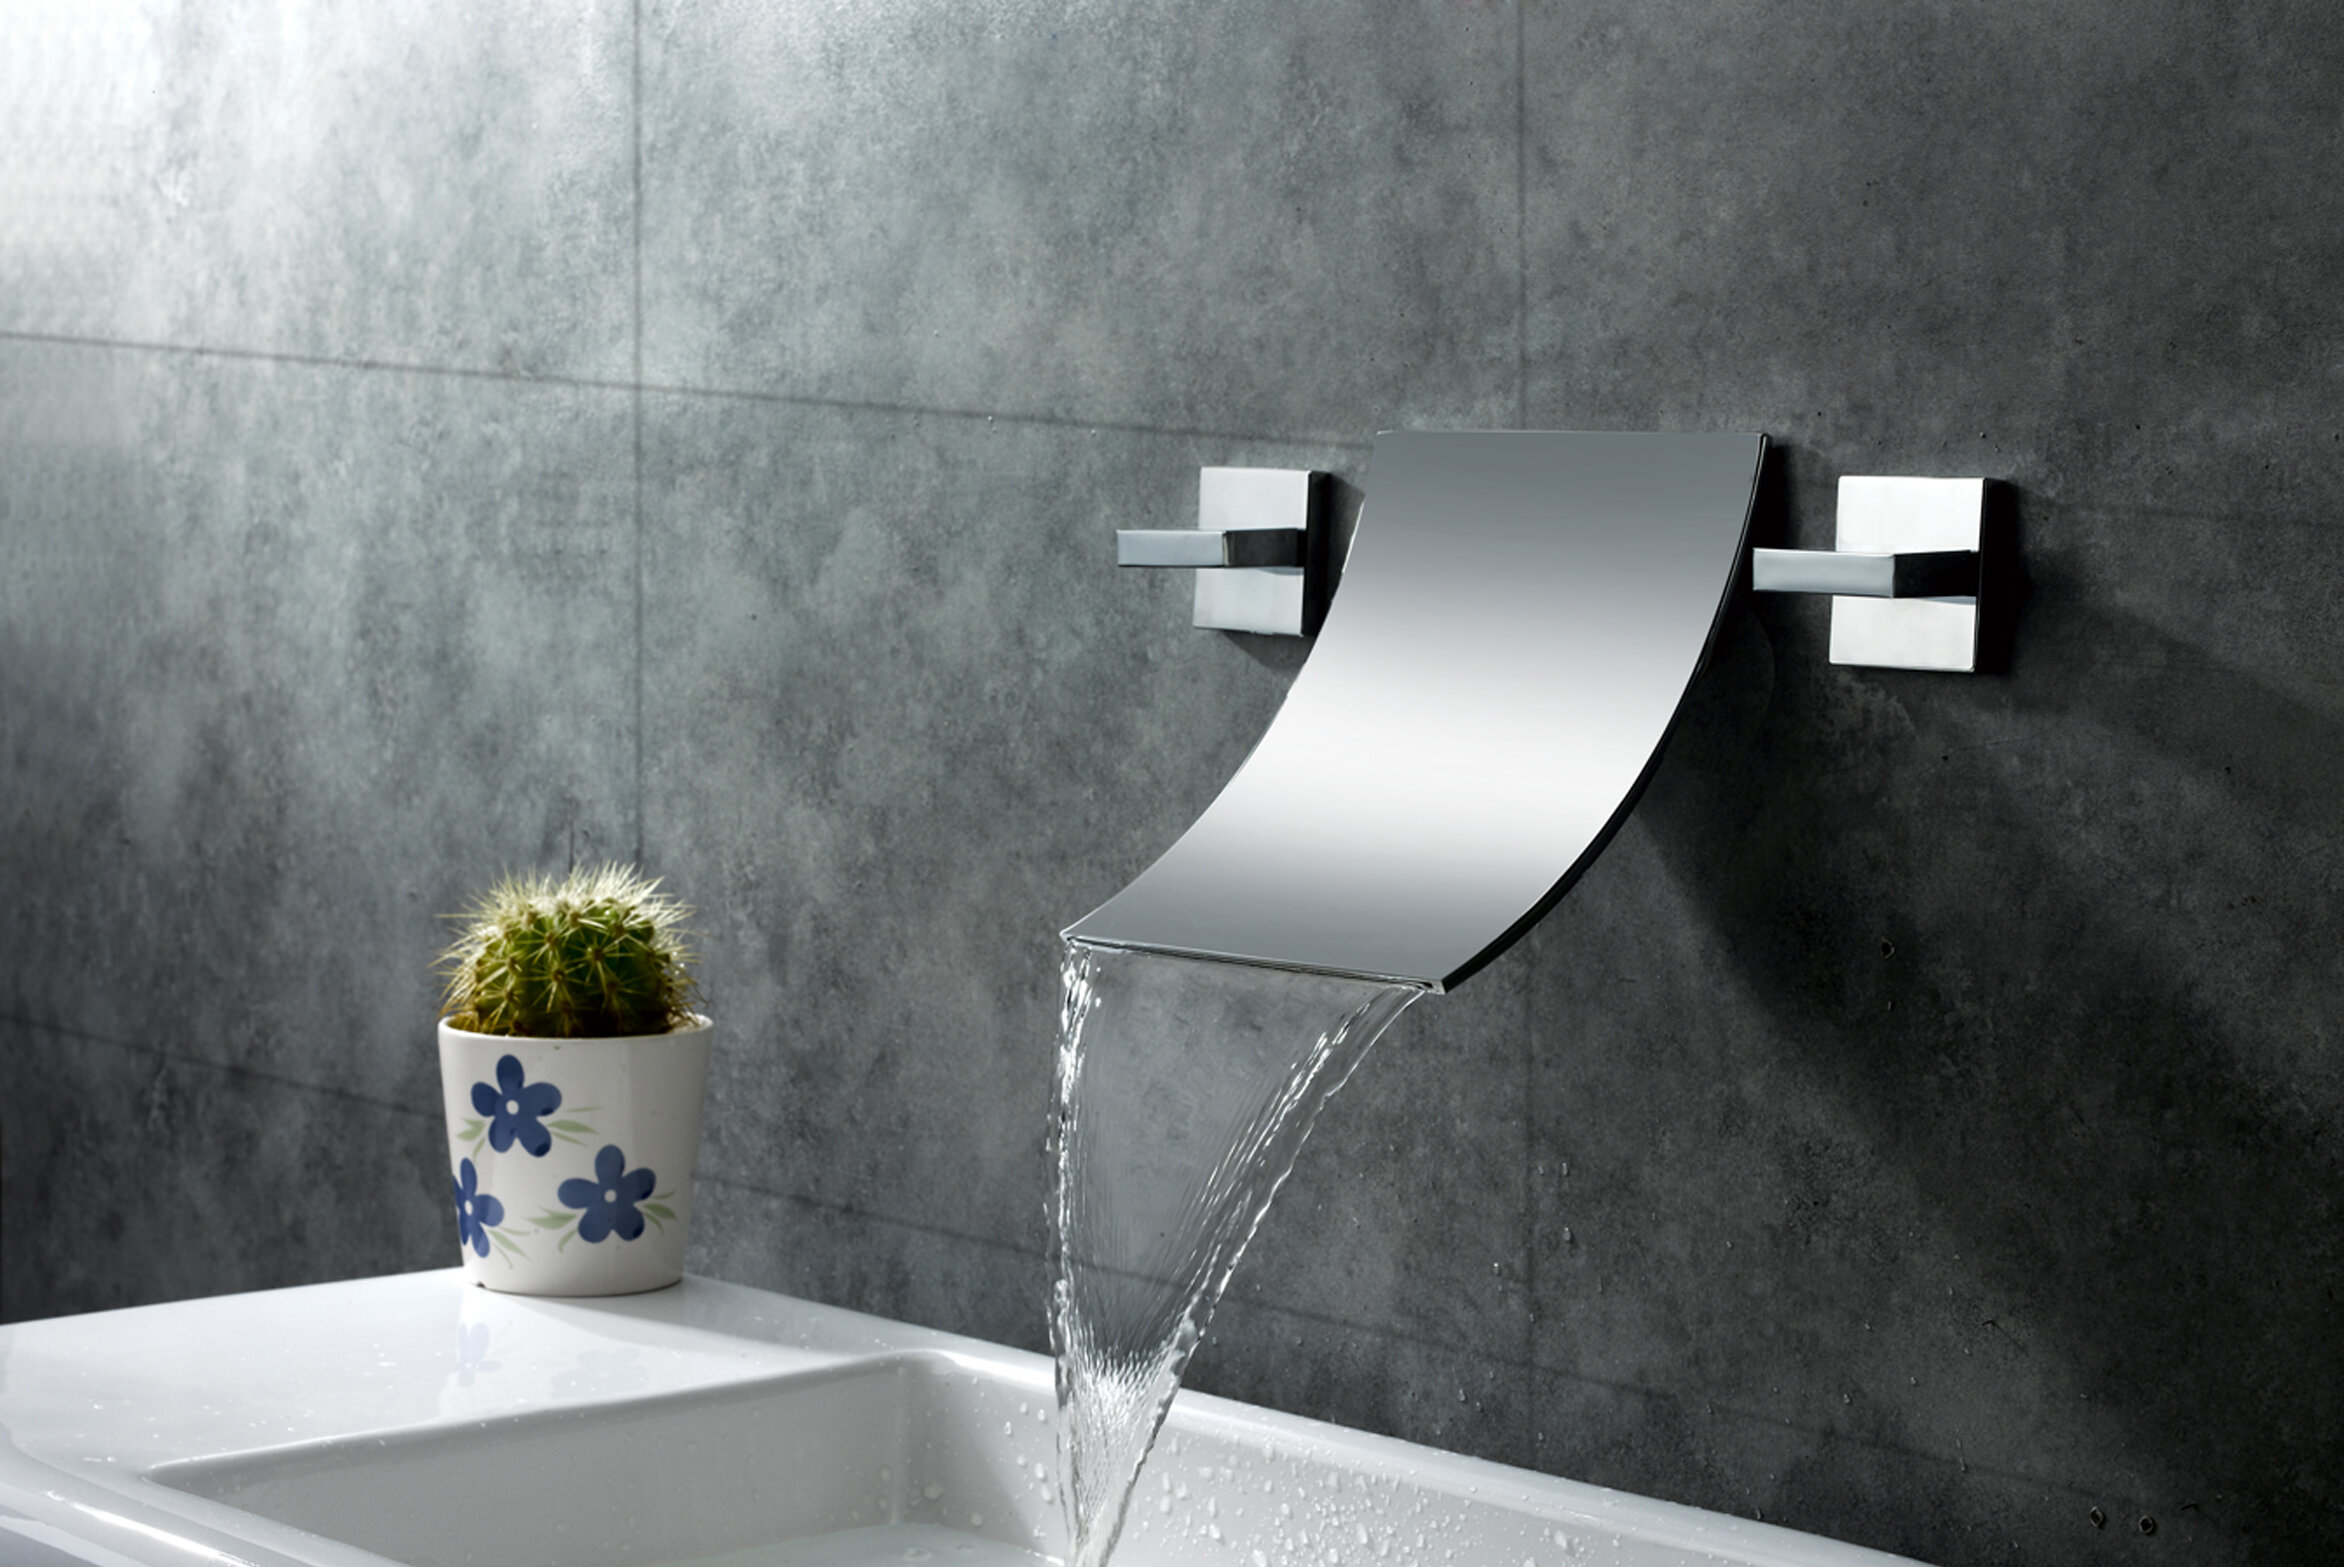 Sumerain Wall Mount Waterfall Bathroom